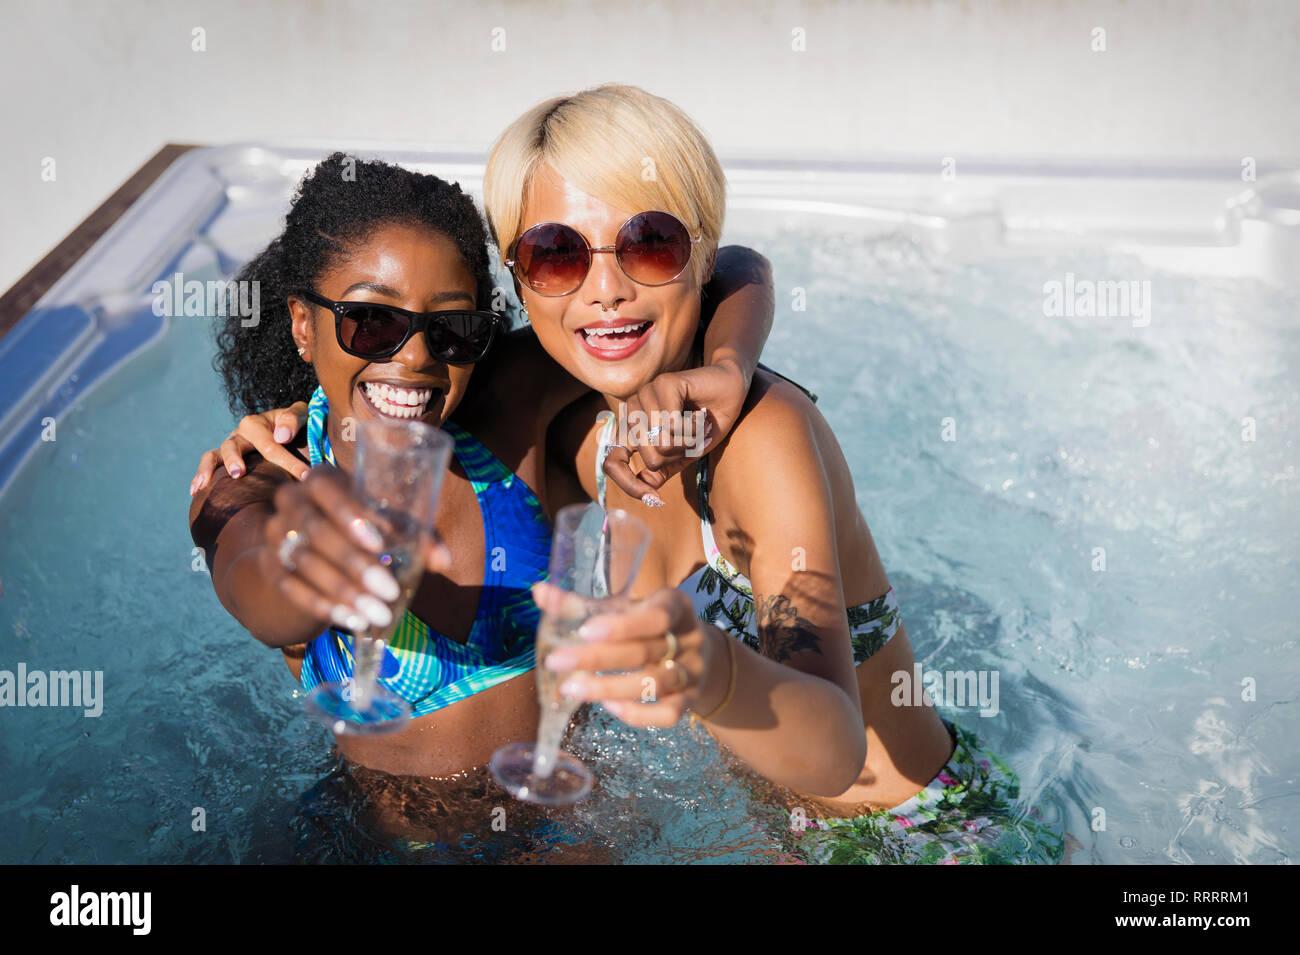 Retrato exuberantes mujeres jóvenes amigos beber champán en sunny ofuro Imagen De Stock